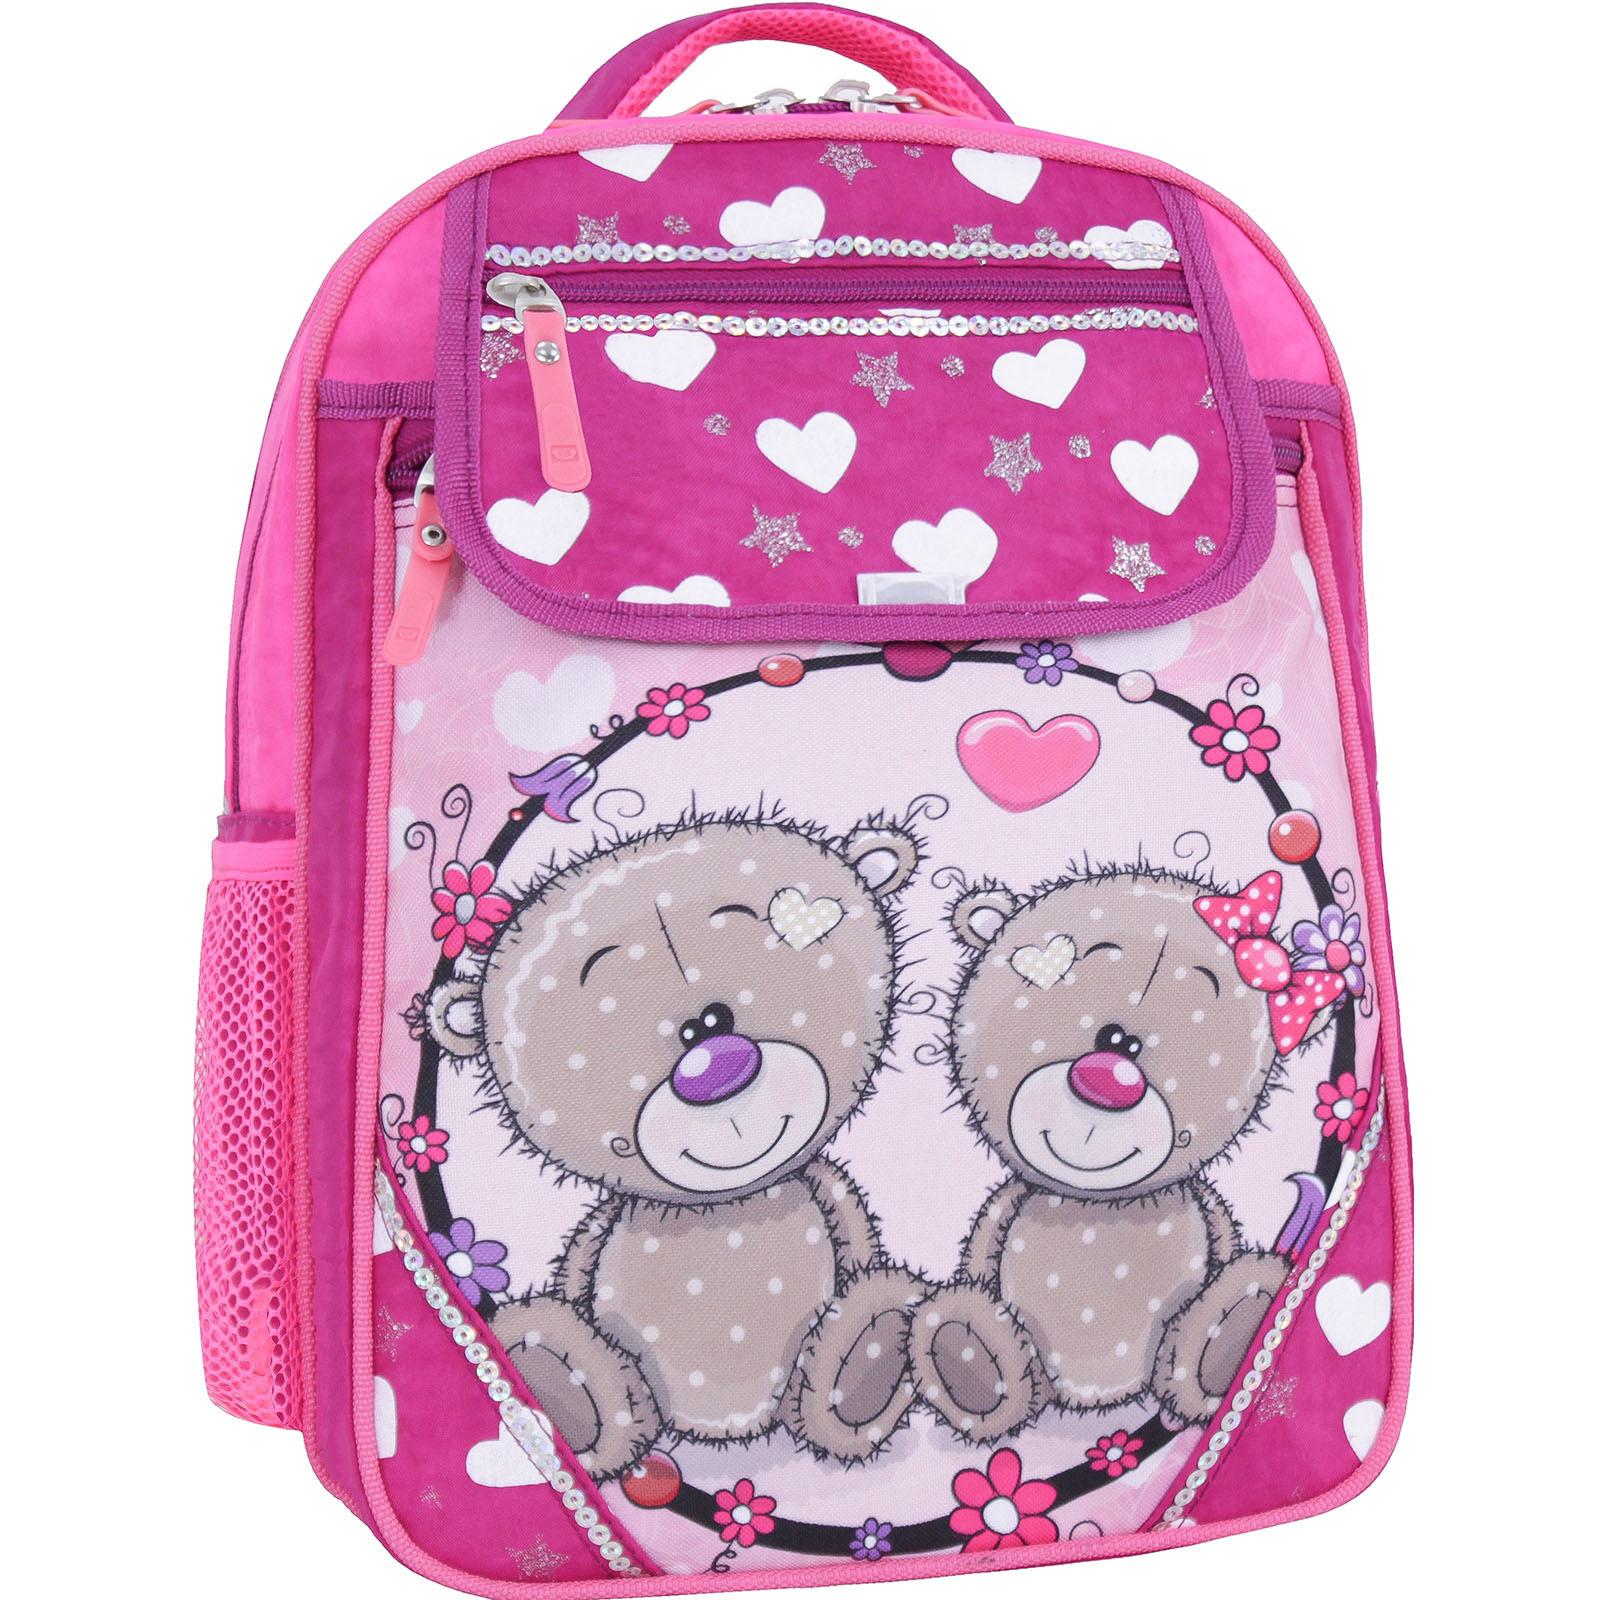 Школьные рюкзаки Рюкзак школьный Bagland Отличник 20 л. 143 малина 686 (0058070) IMG_2852_1_1600.jpg